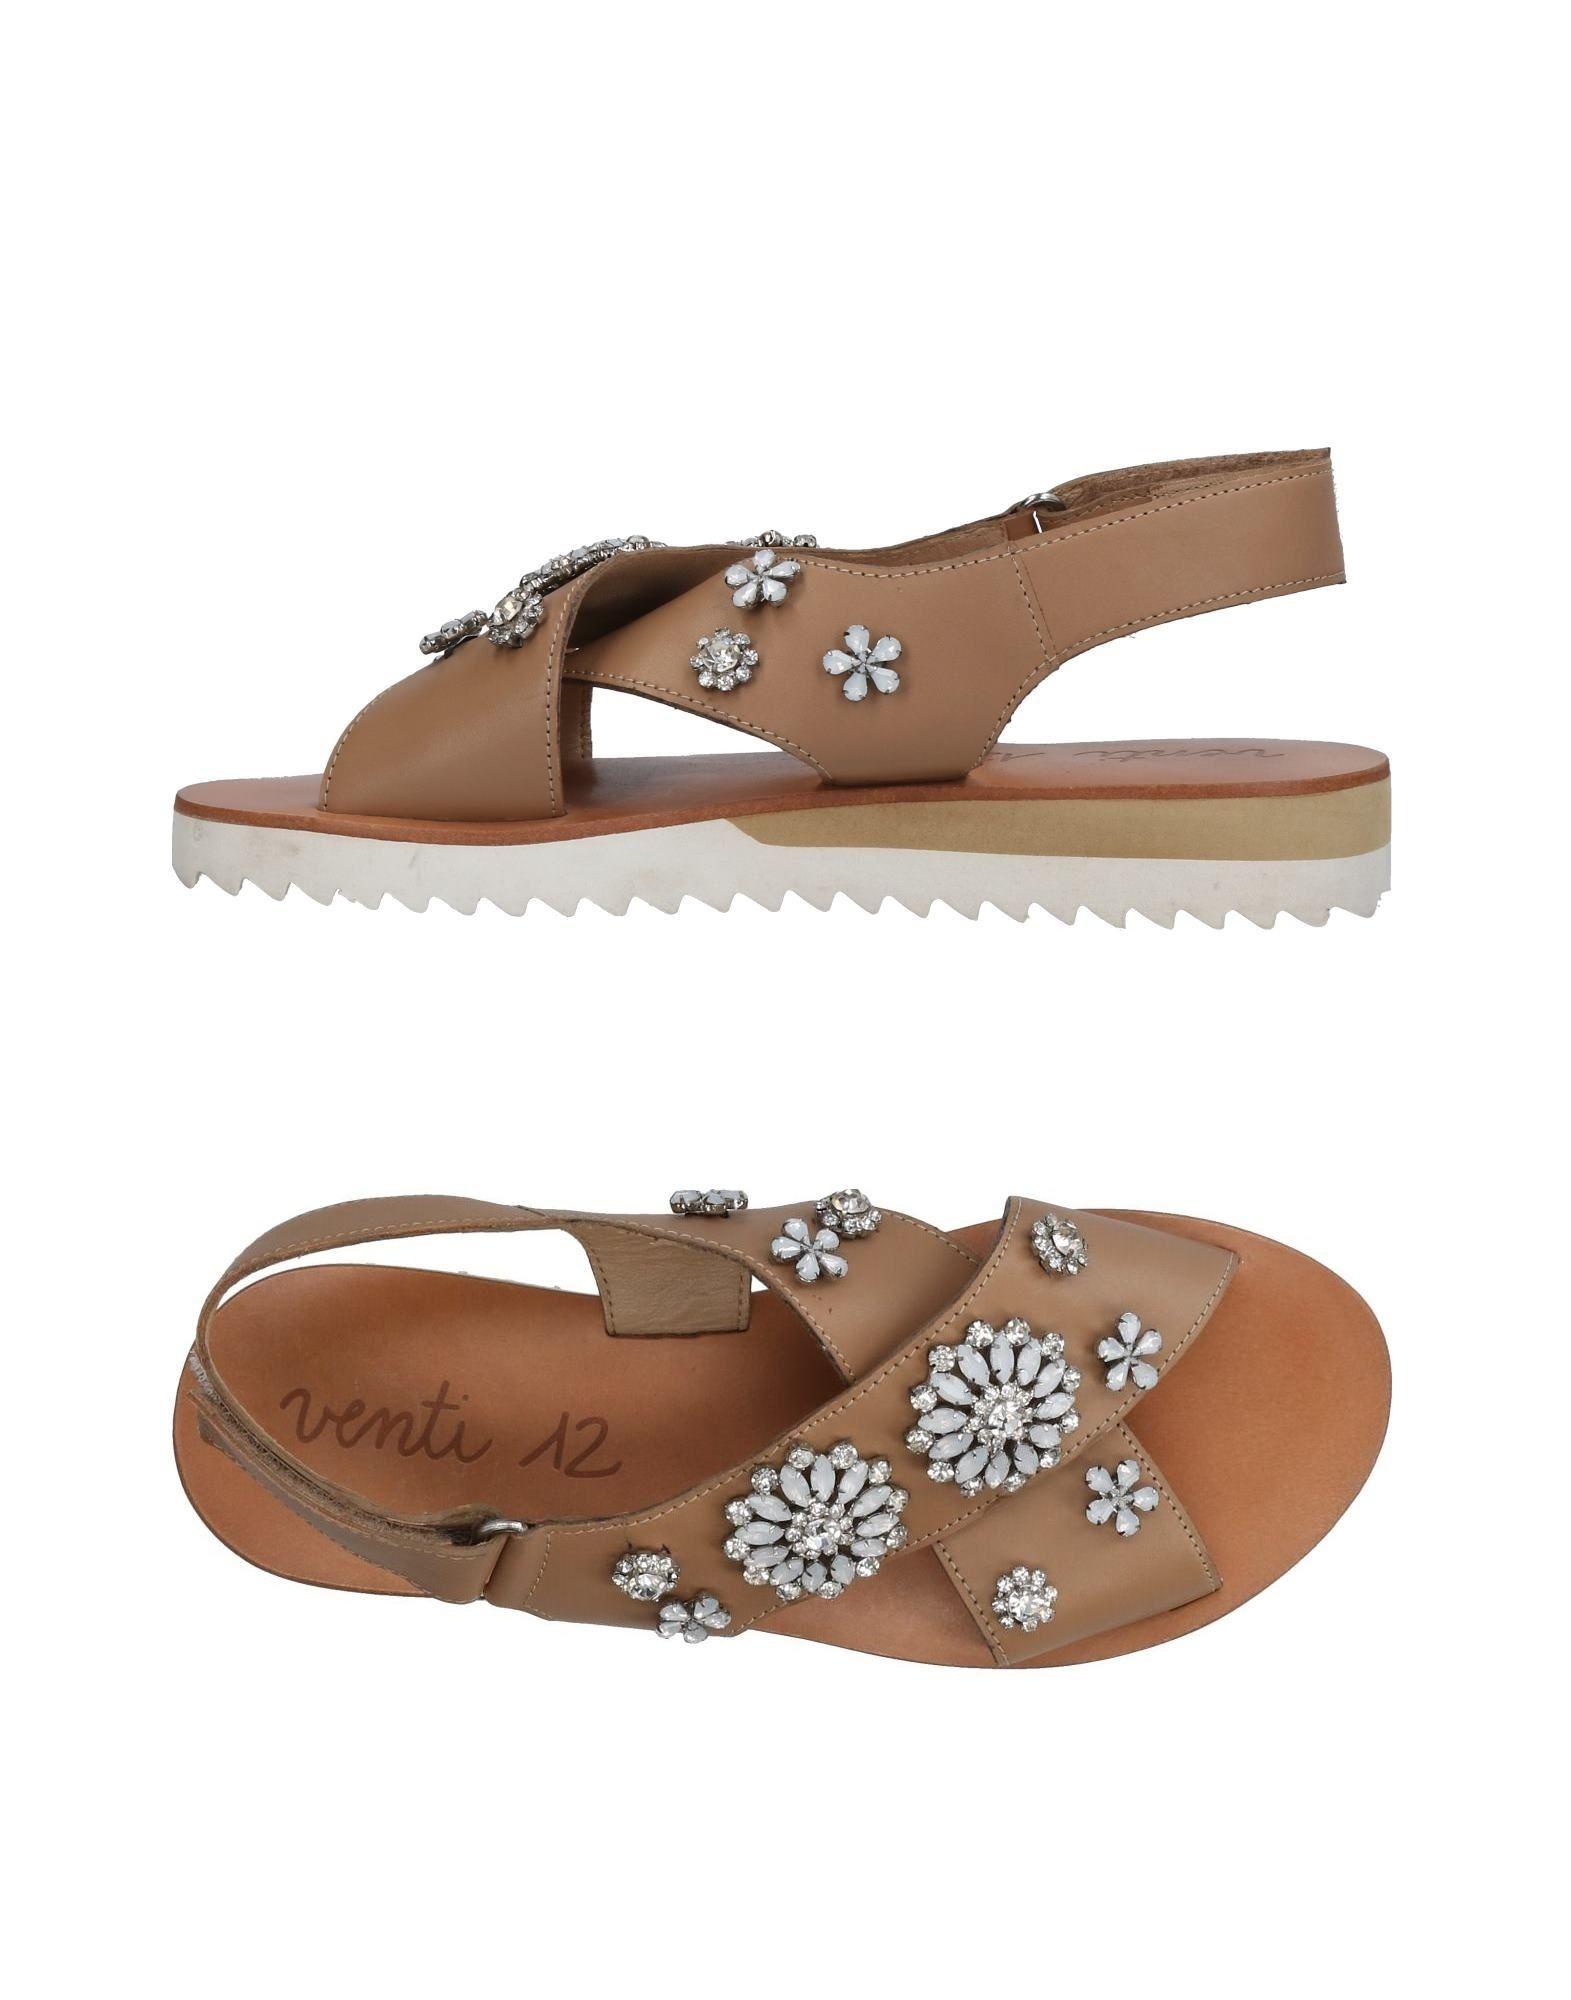 Sandales Venti 12 Femme - Sandales Venti 12 sur